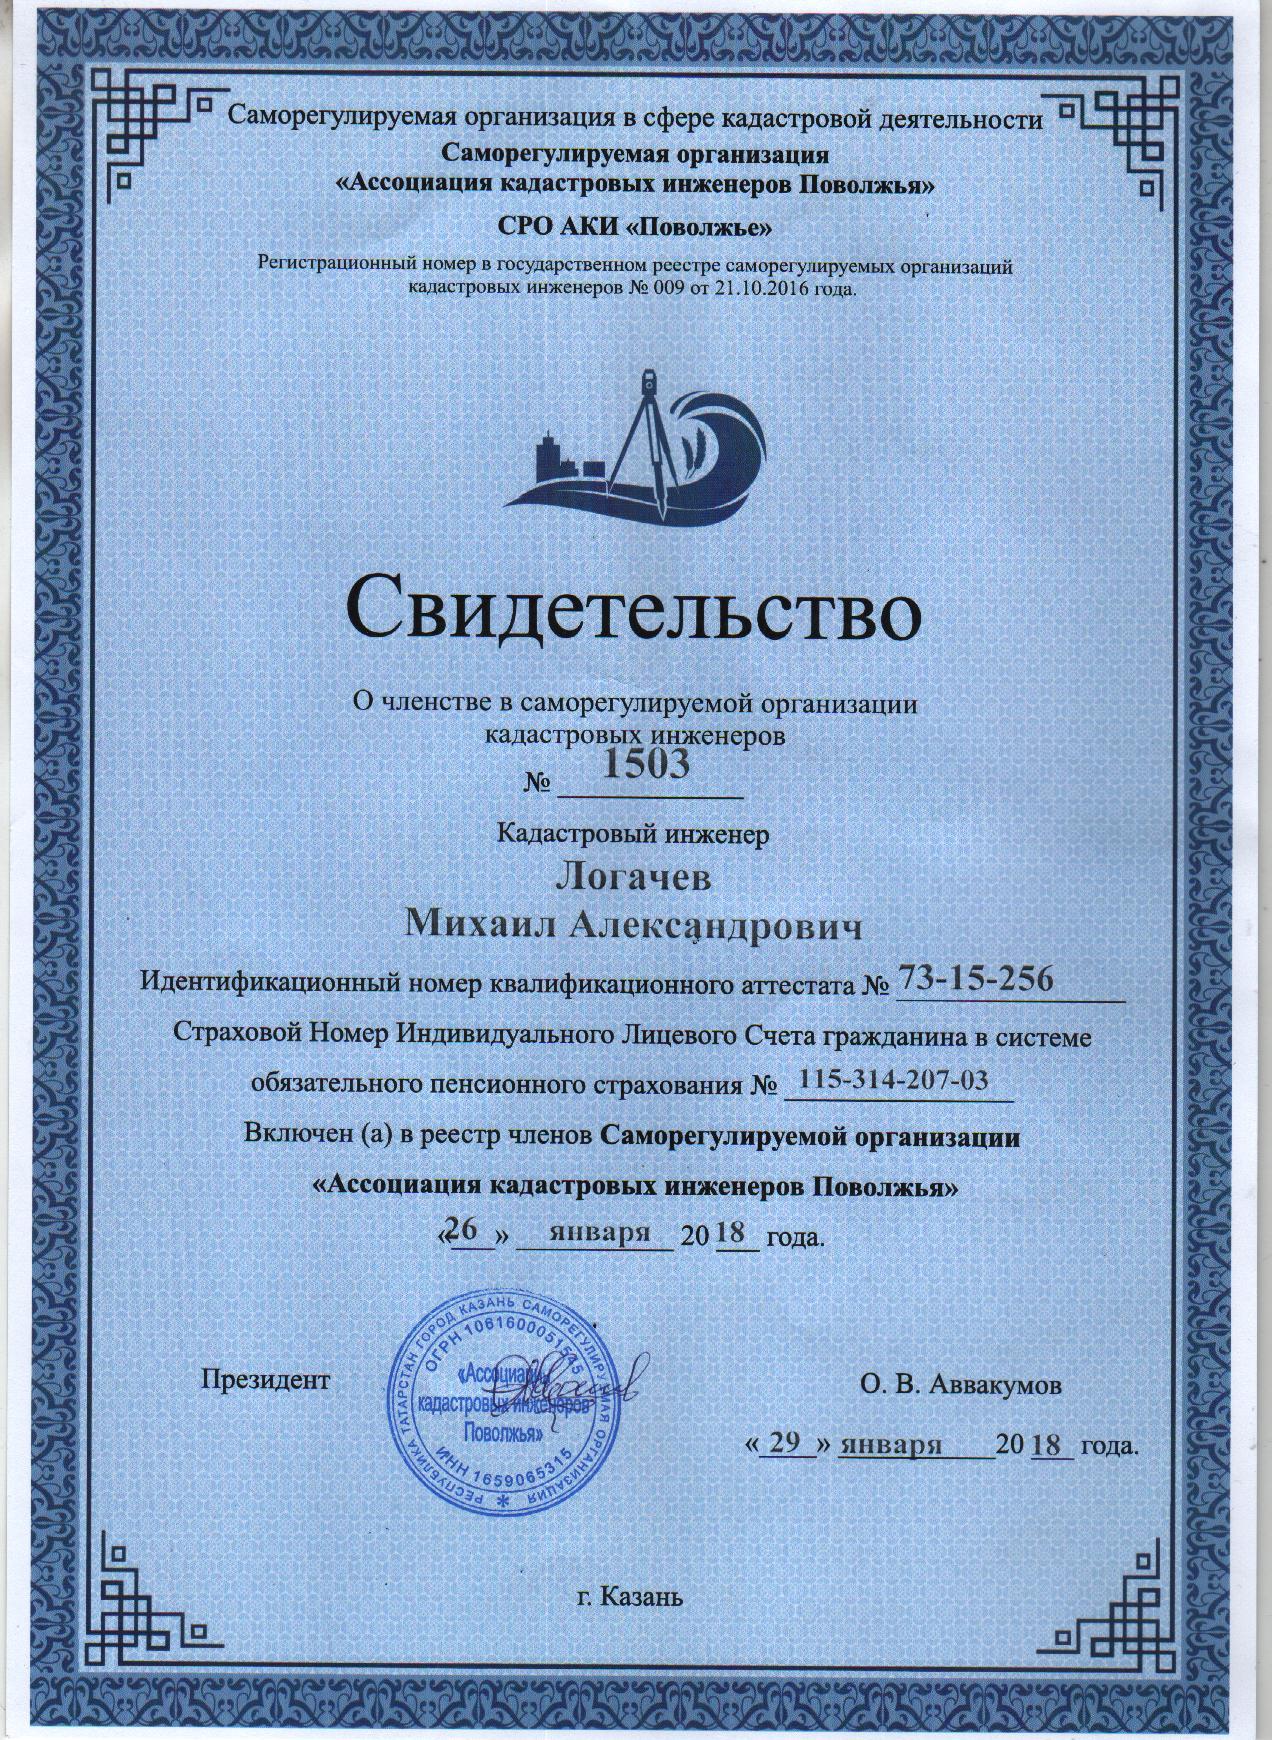 реестр кадастровых инженеров московской области